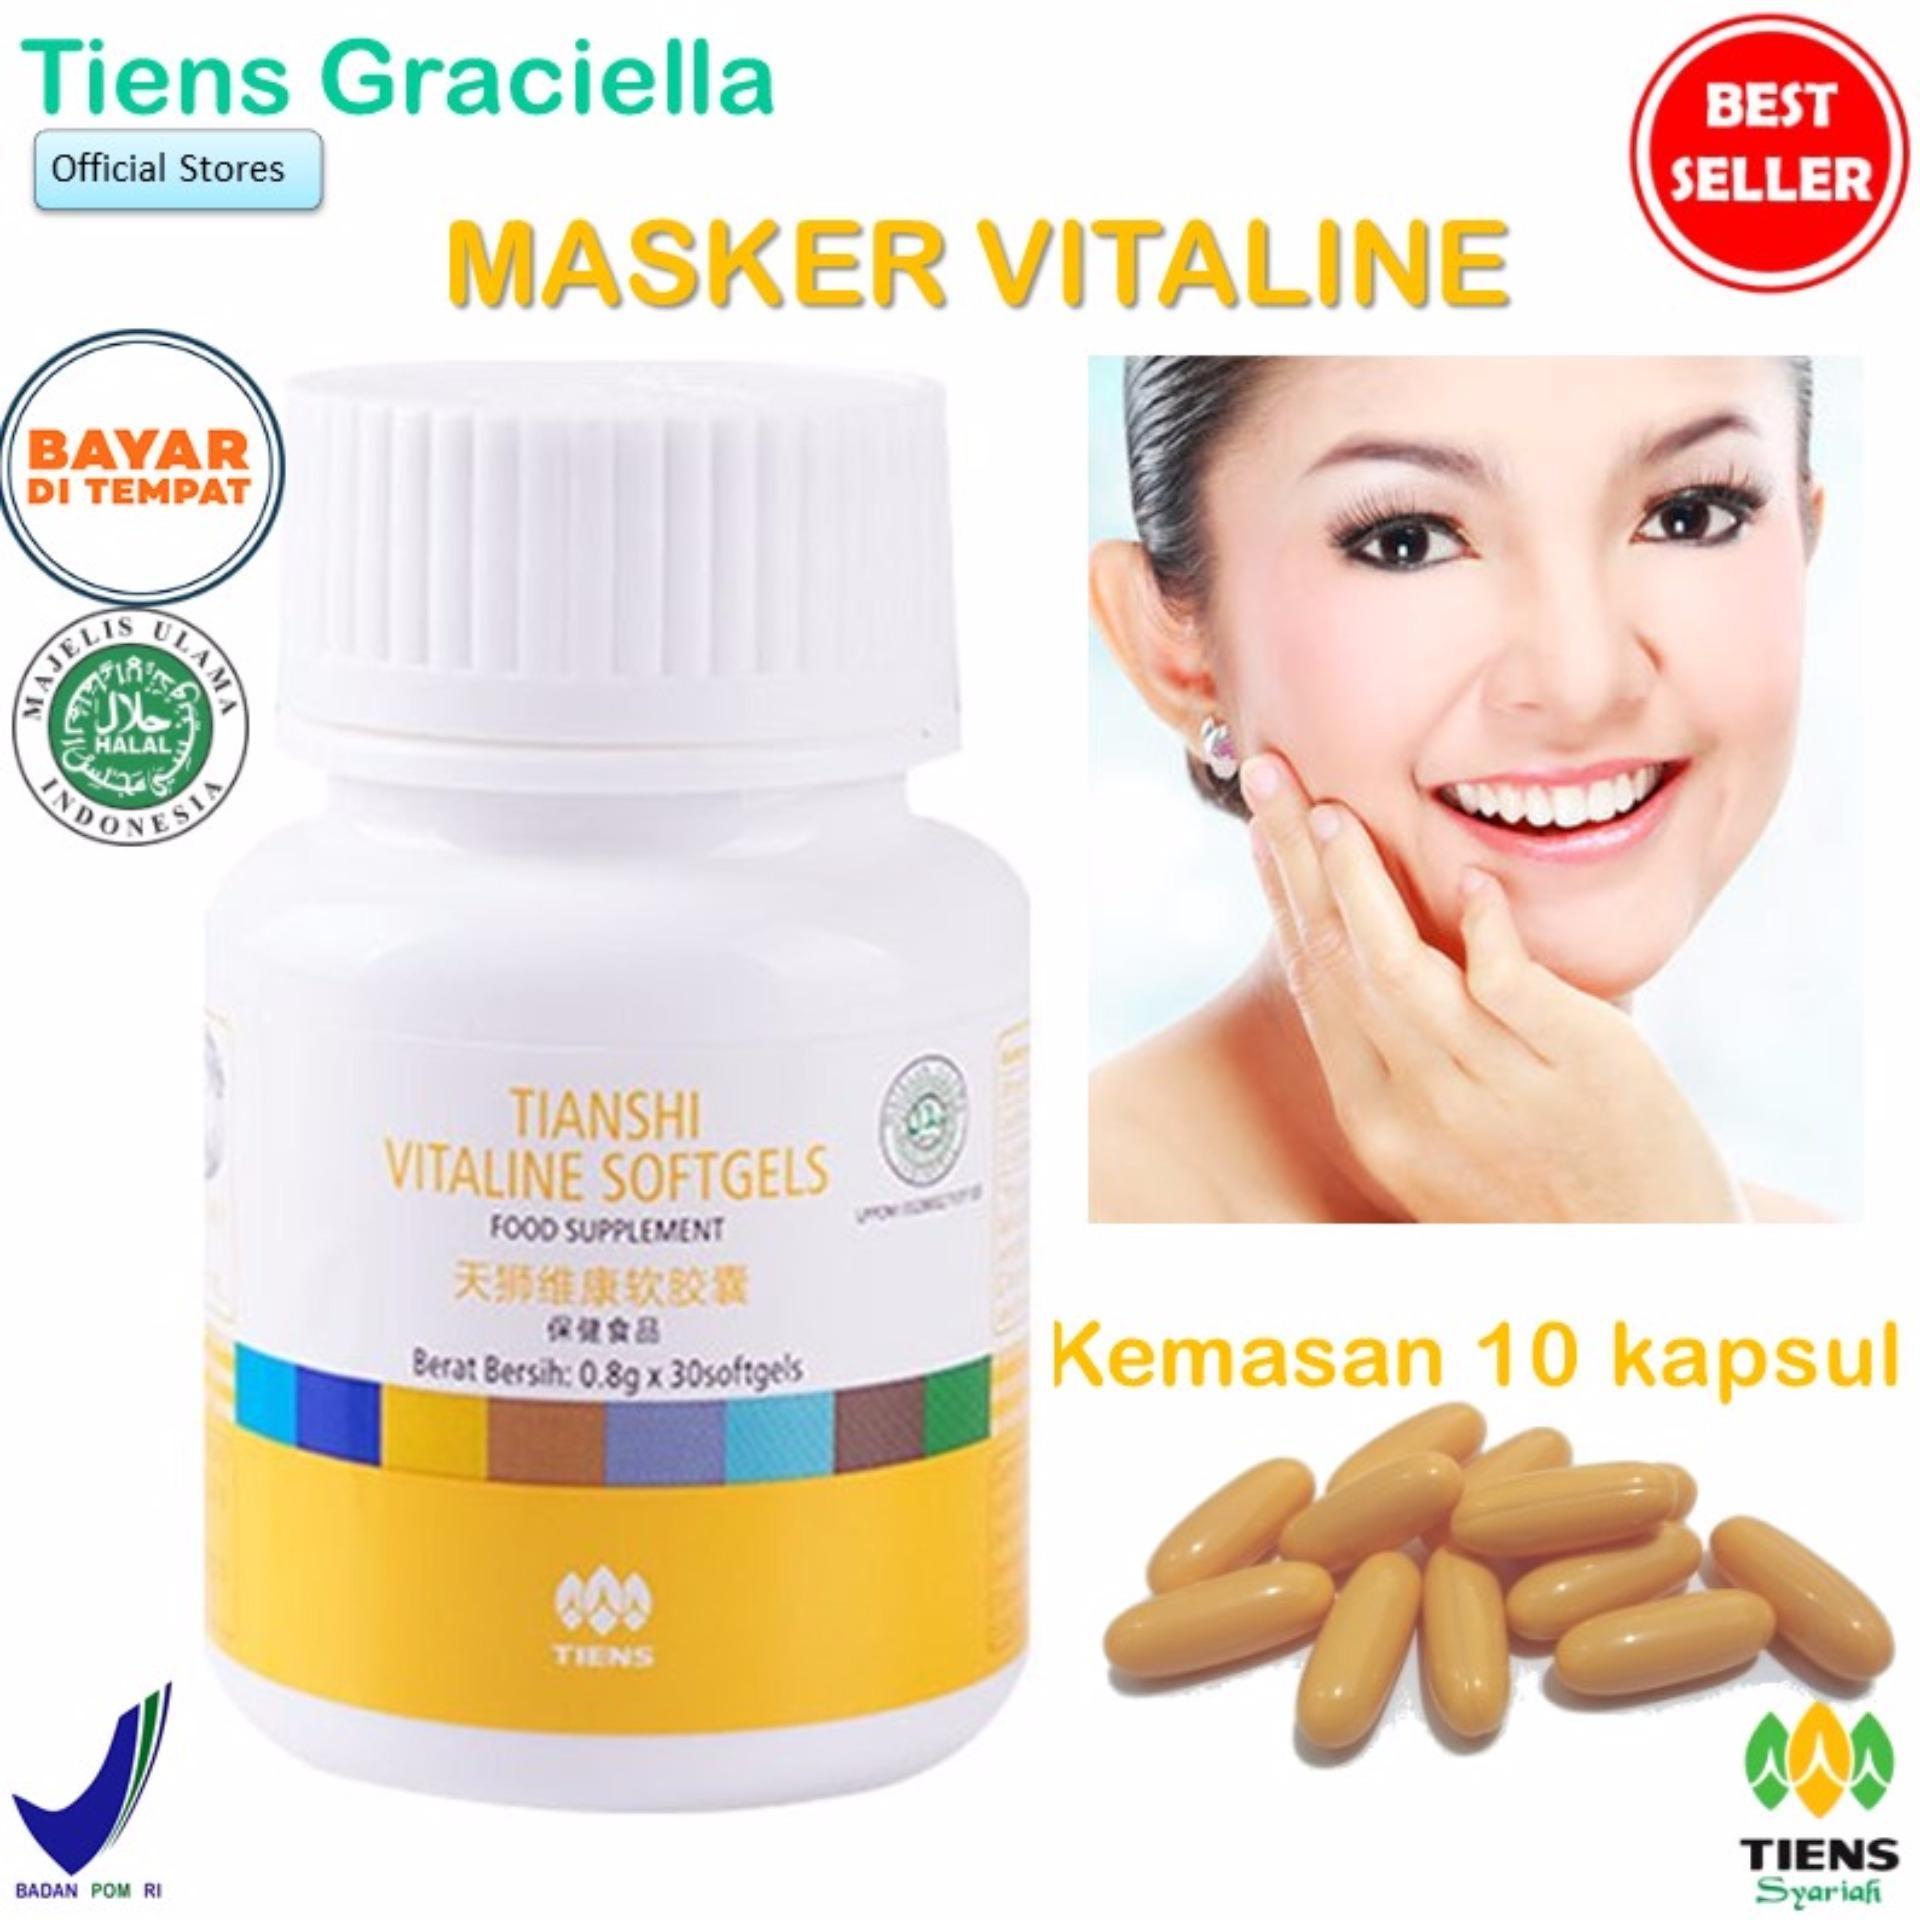 Tiens Vitaline - Vitamin E Pembersih Flek & Jerawat - Paket Promo Banting Harga 10 softgel